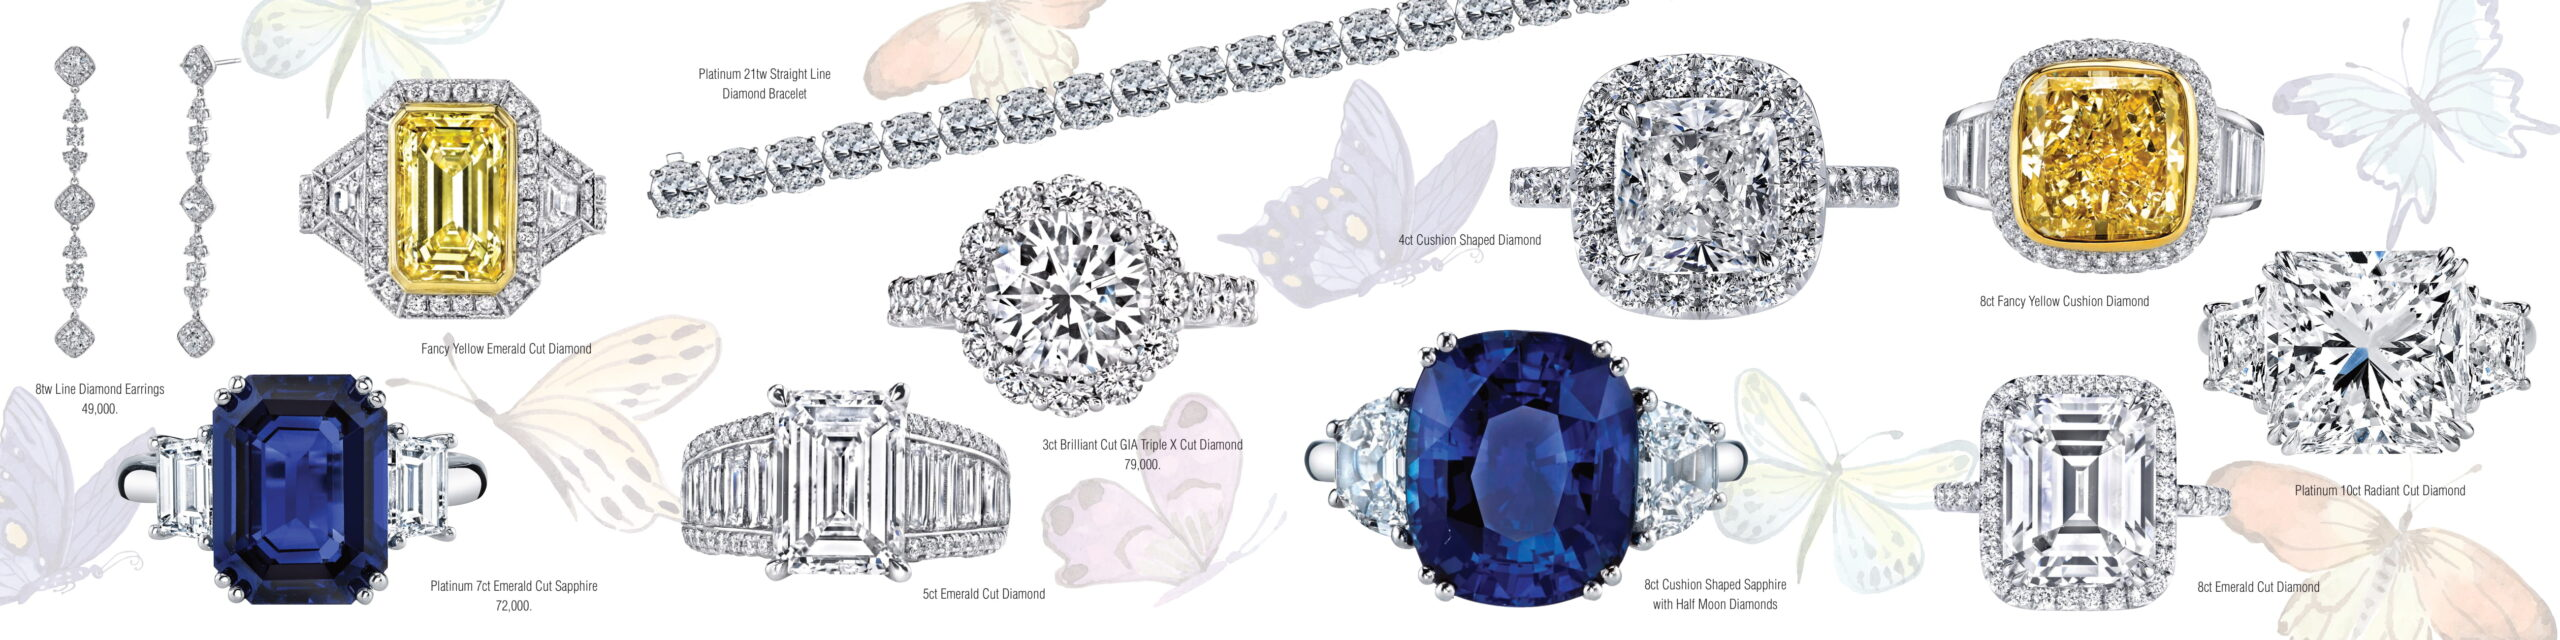 POTTS Spring Diamond Mailer Page 2